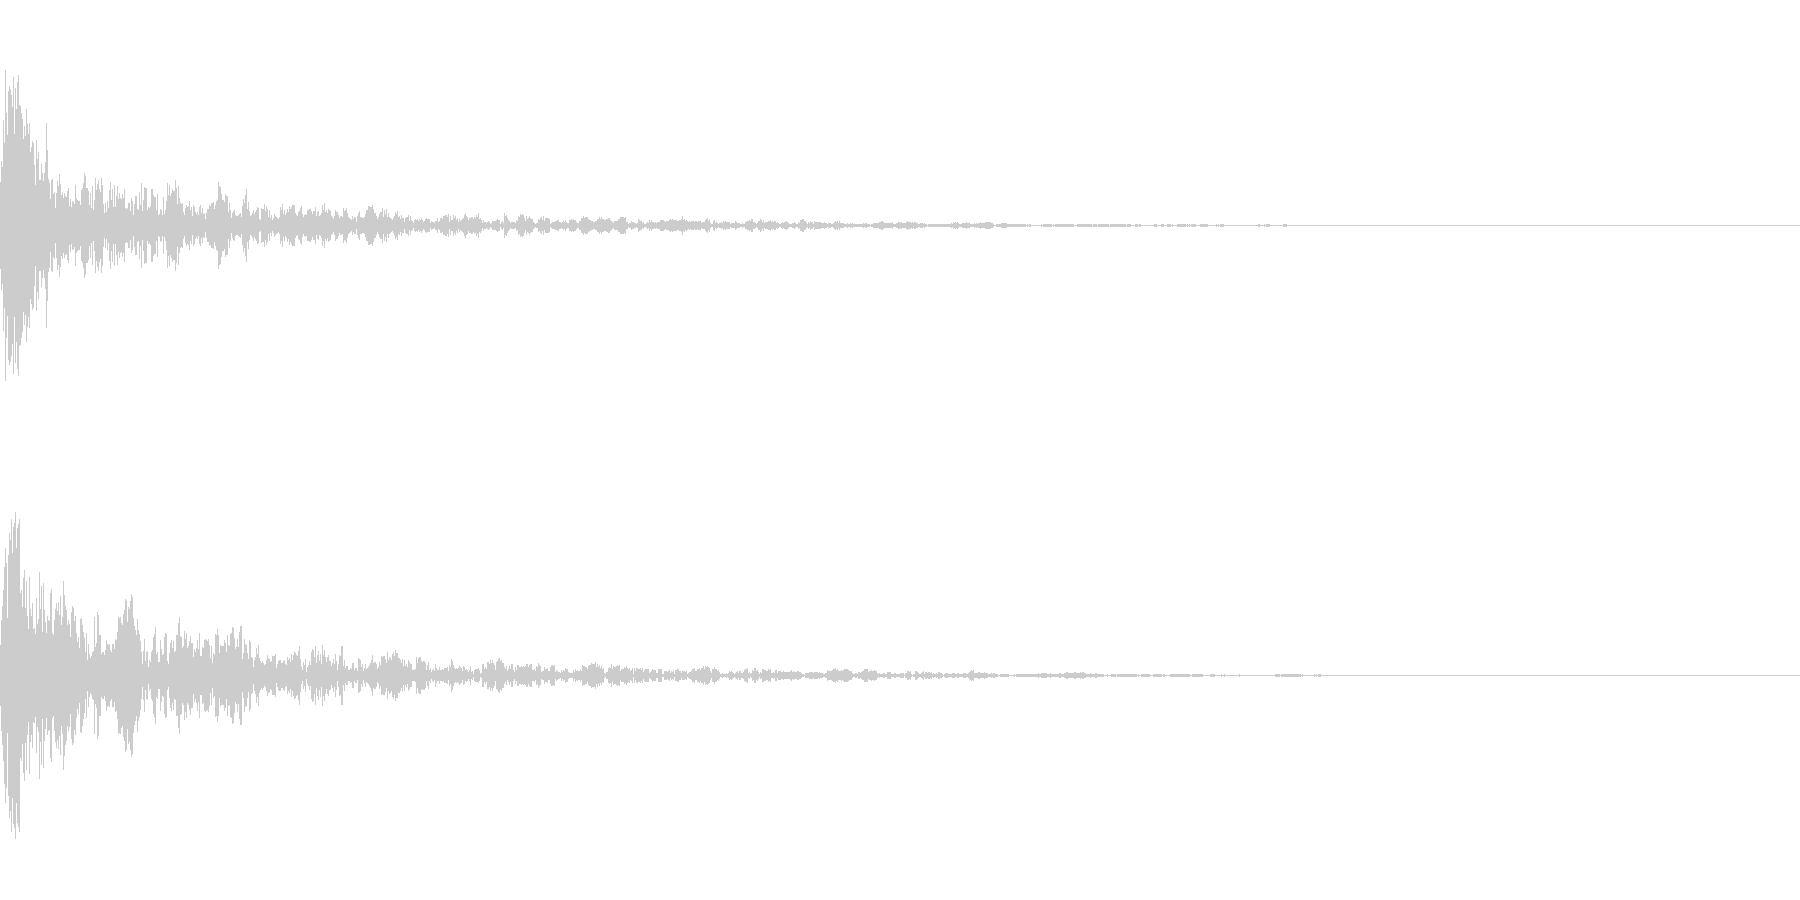 ドーン-19-1(インパクト音)の未再生の波形